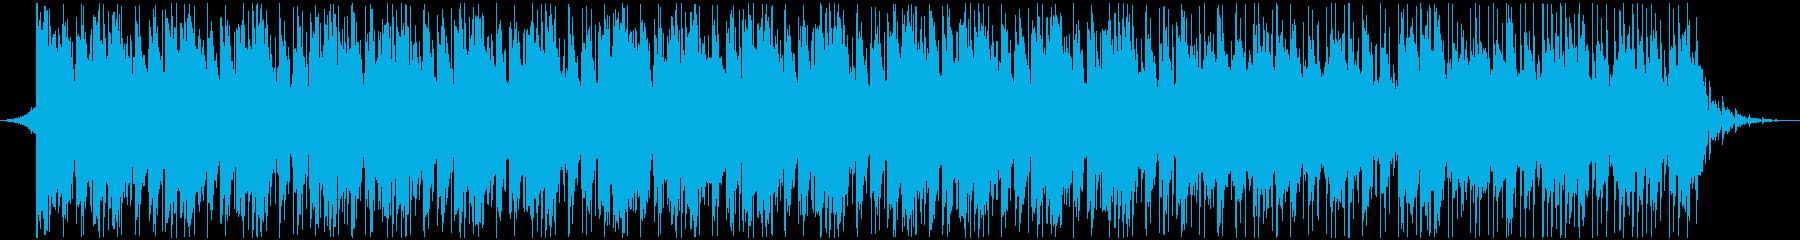 ポップ テクノ 実験的な バトル ...の再生済みの波形